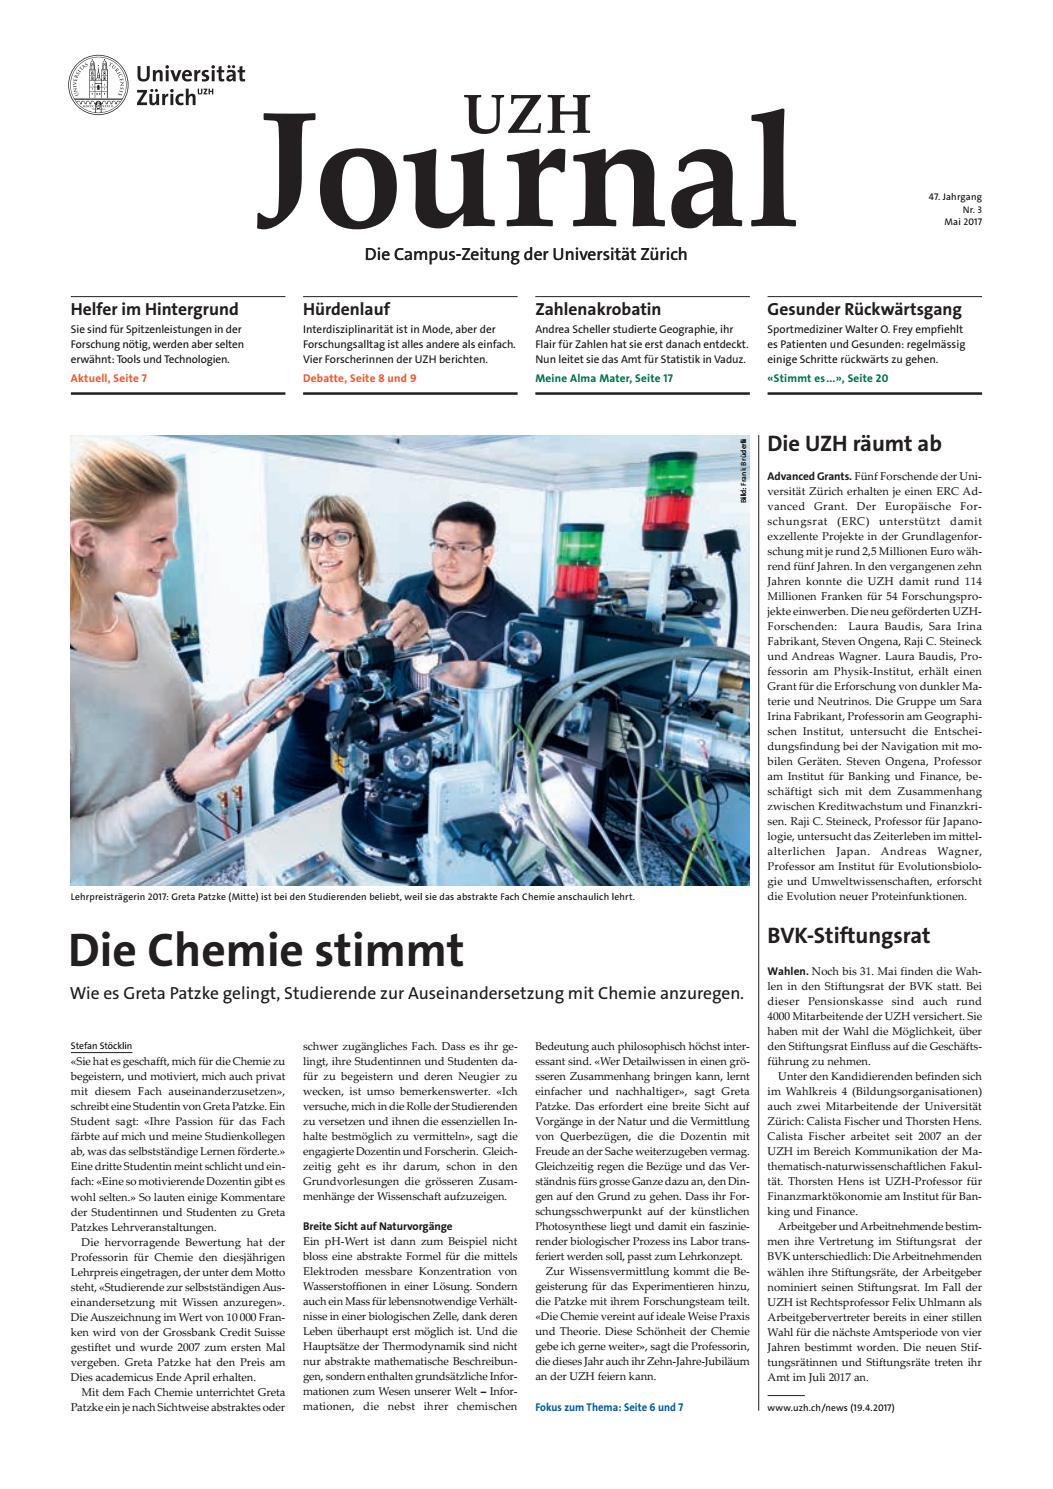 UZH Journal 3/17 by University of Zurich - issuu